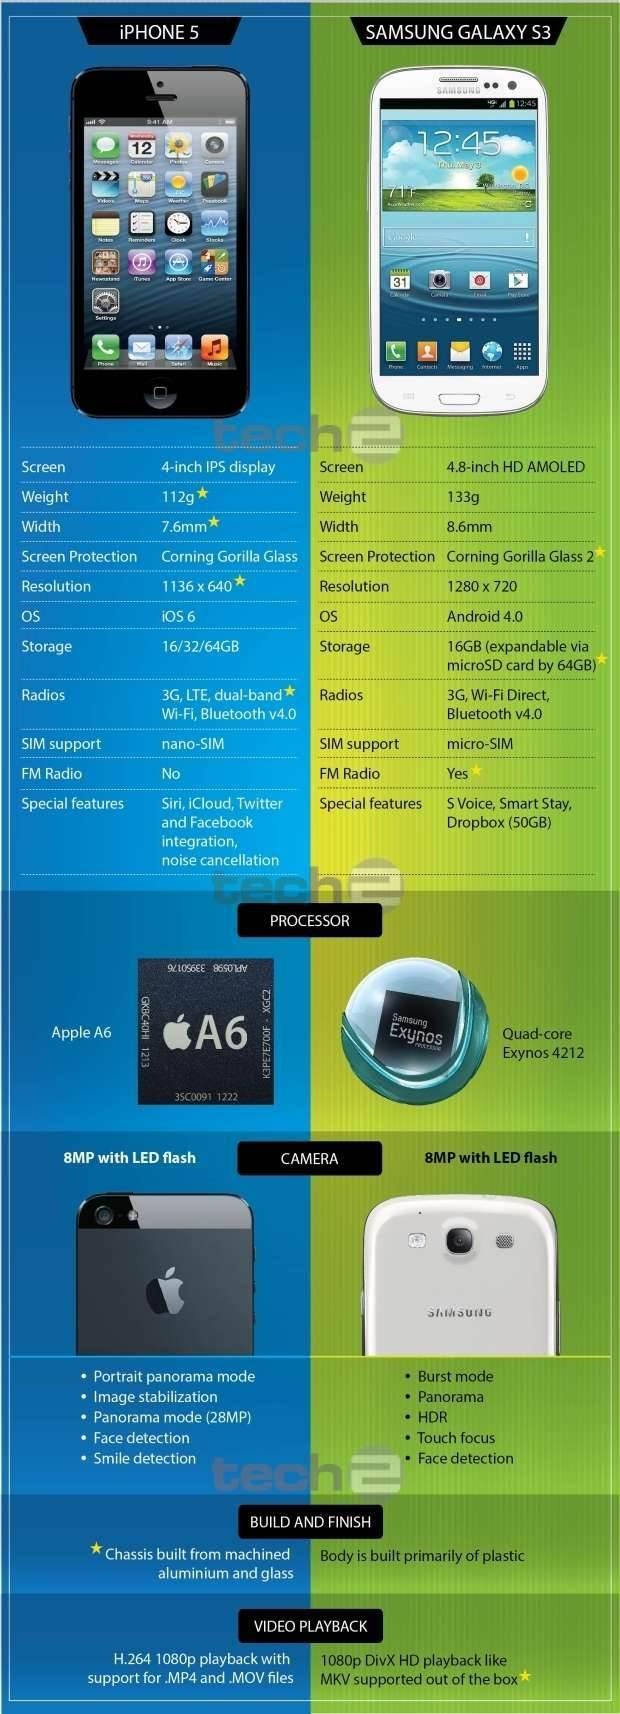 iPhone 5 vs Samsung Galaxy S III